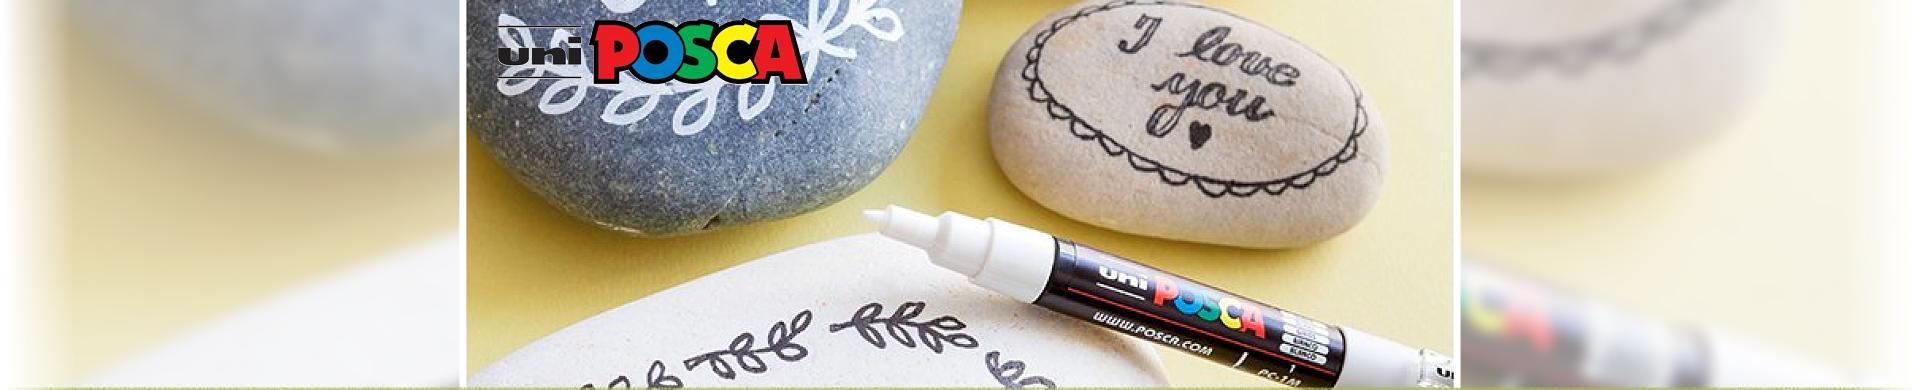 POSCA Marker Pens